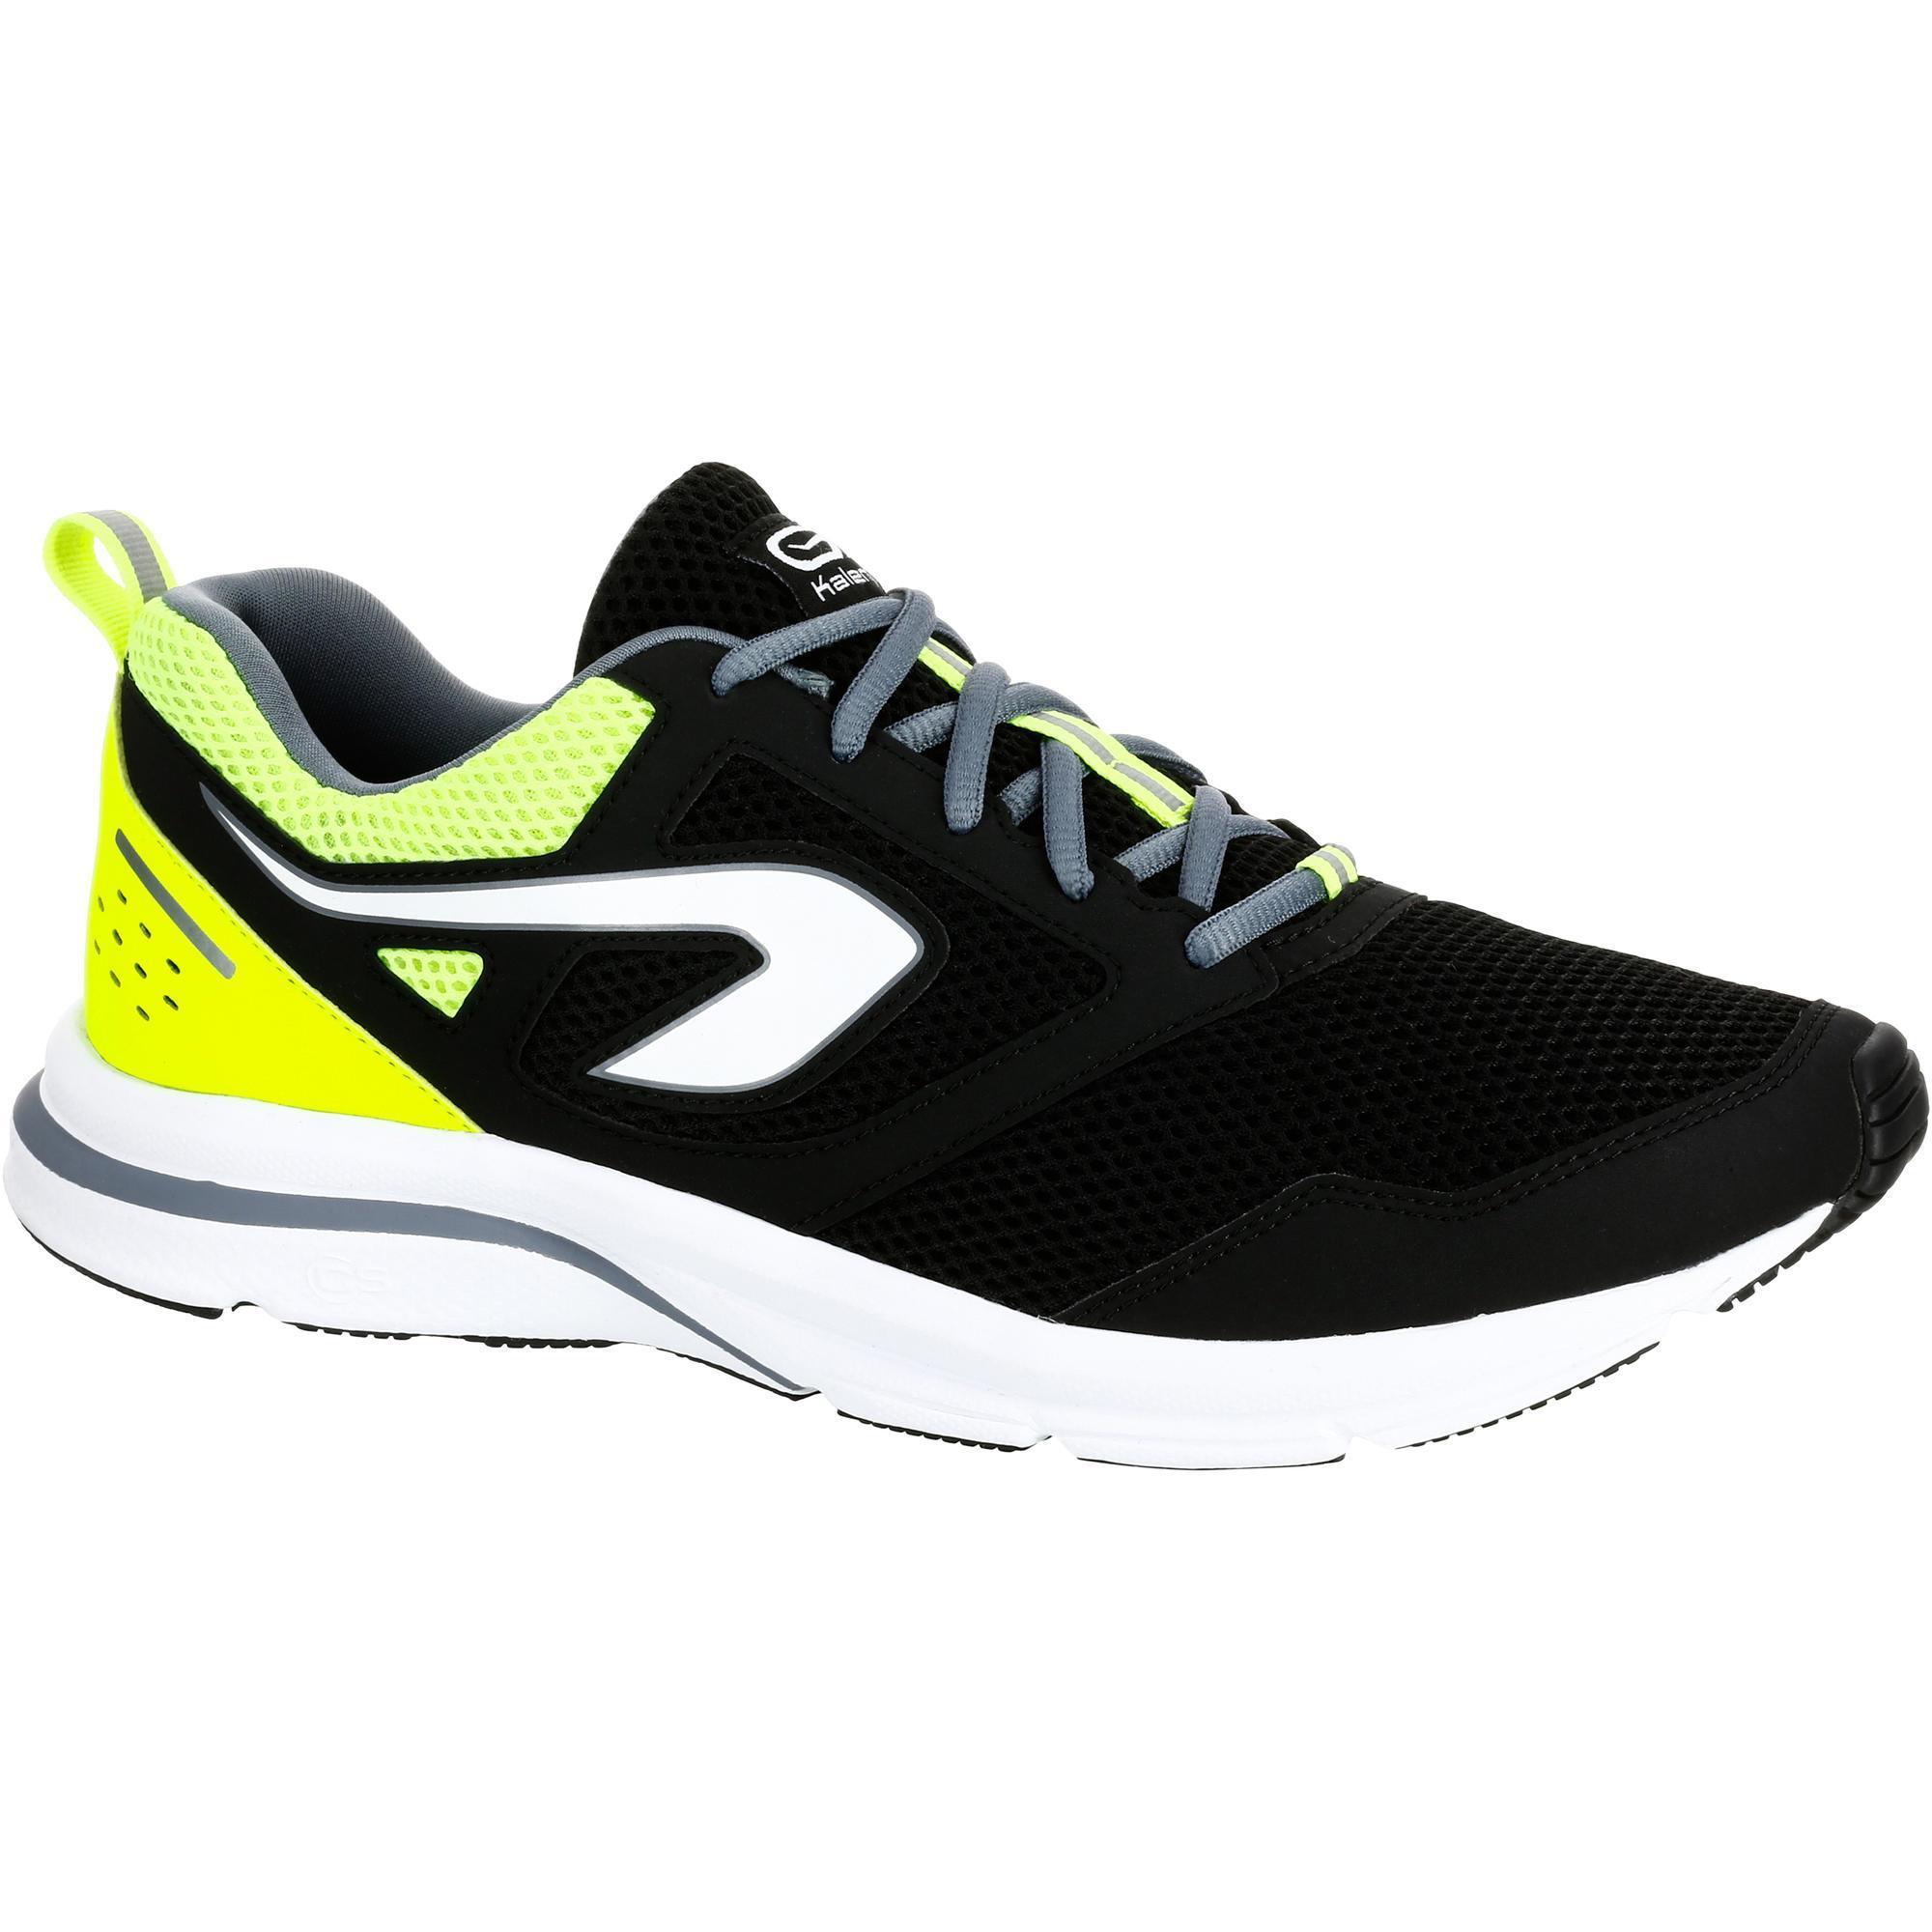 Kalenji Joggingschoenen voor heren Run Cushion Grip zwart/geel kopen